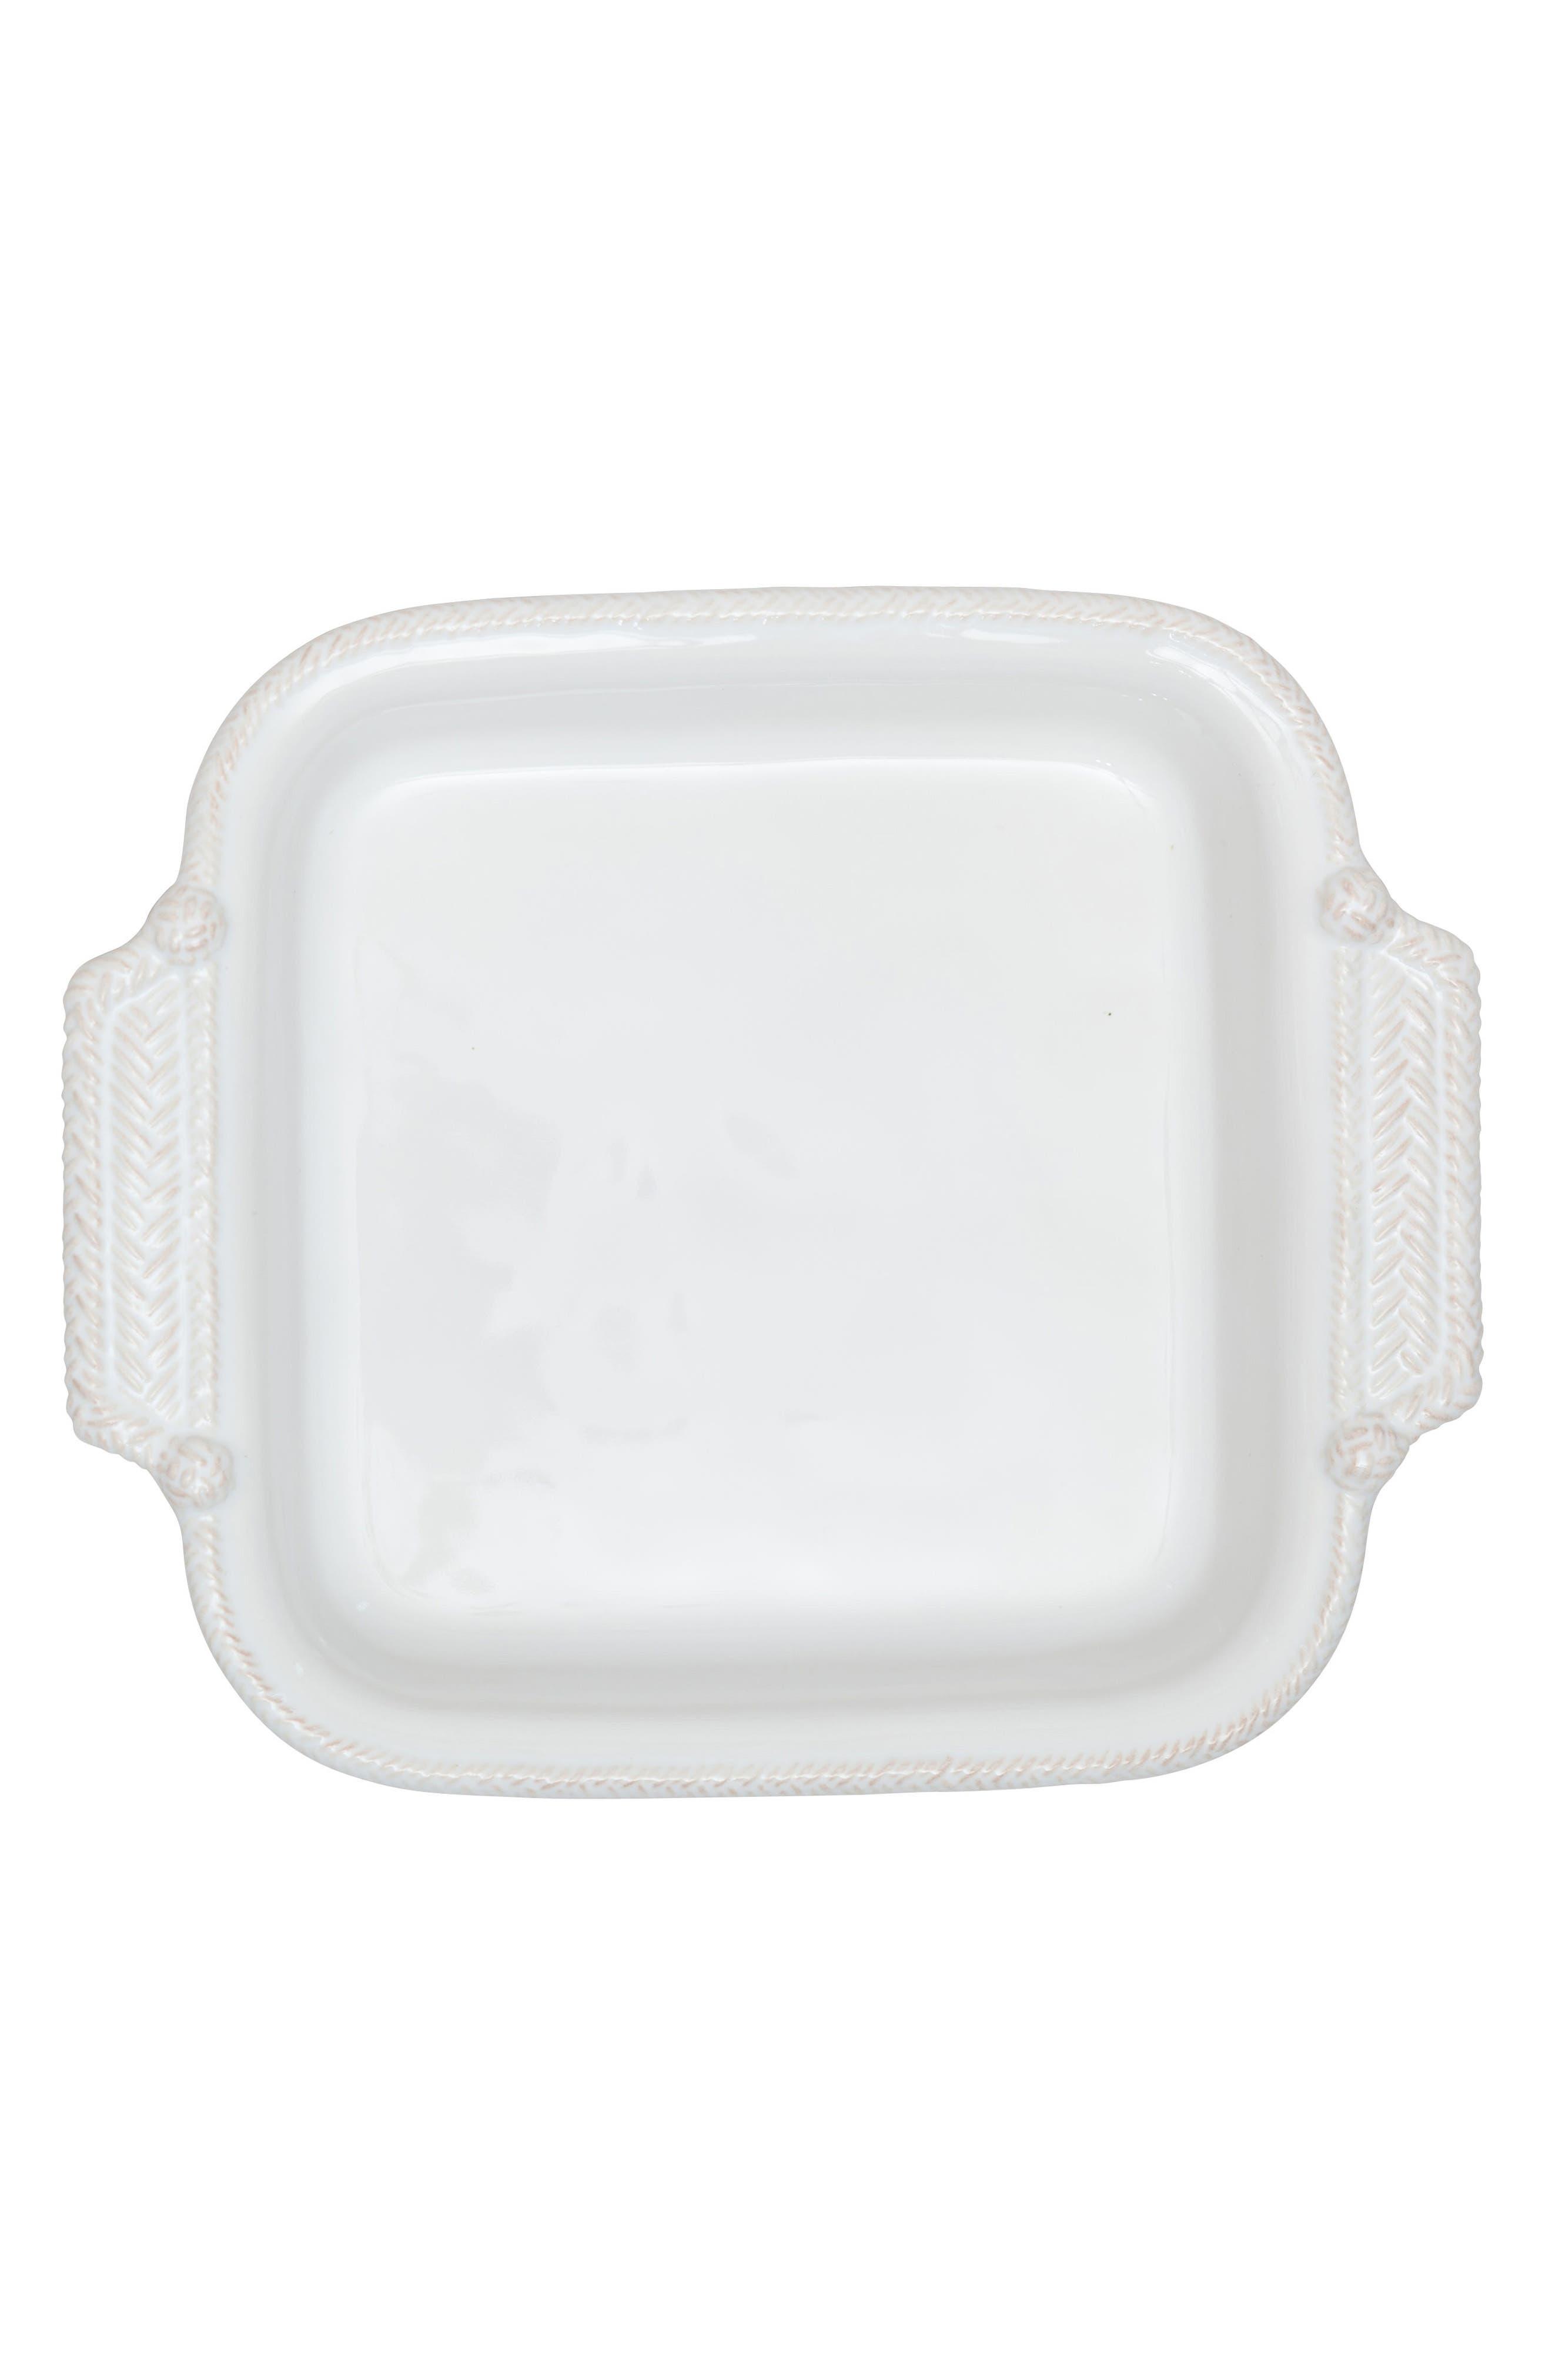 Le Panier 2-Quart Square Baking Dish,                             Alternate thumbnail 2, color,                             100